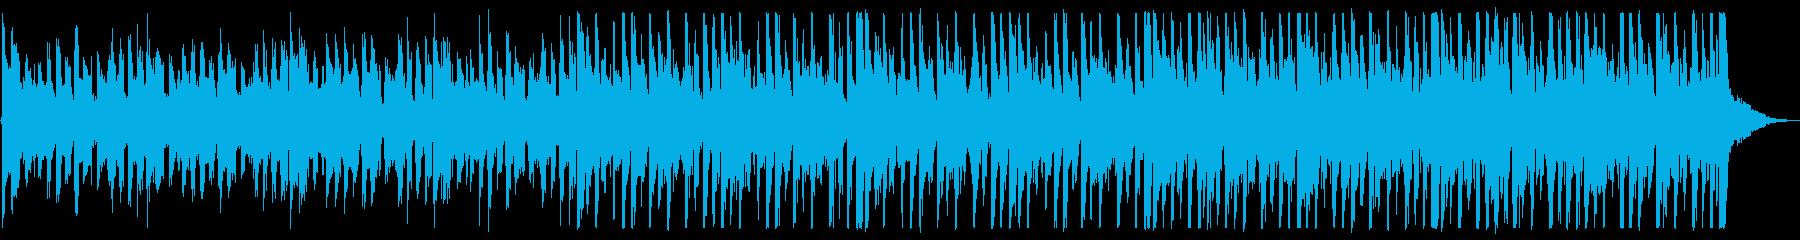 物静か/クール/R&B_No465_2の再生済みの波形